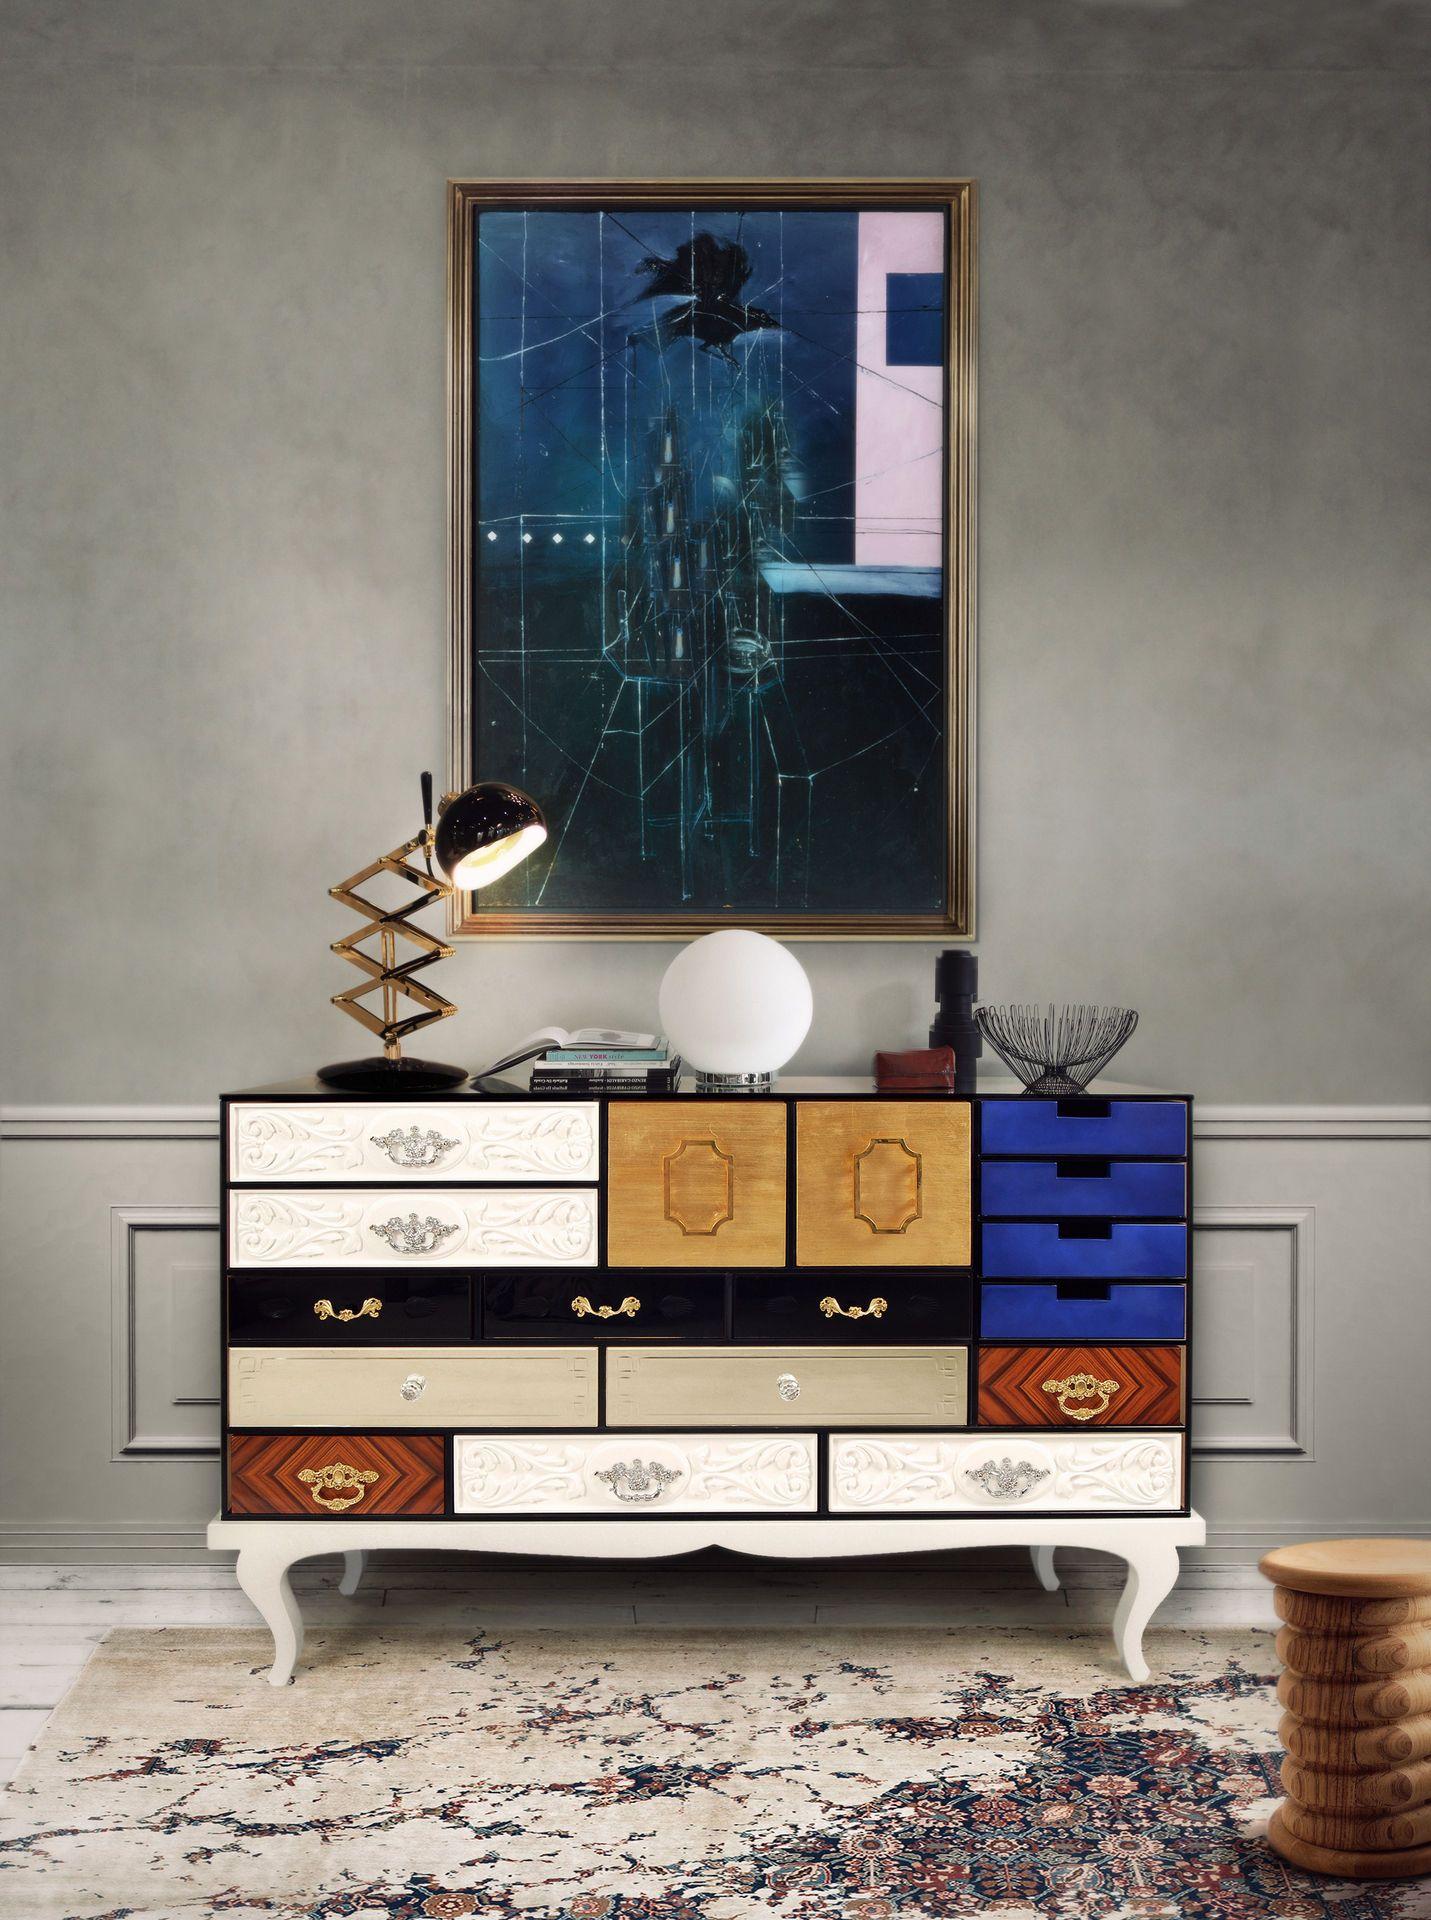 Картинки по запросу boca do lobo soho интерьер 5 секретов декорирования, которые улучшат любой интерьер 15863093px1431x1920